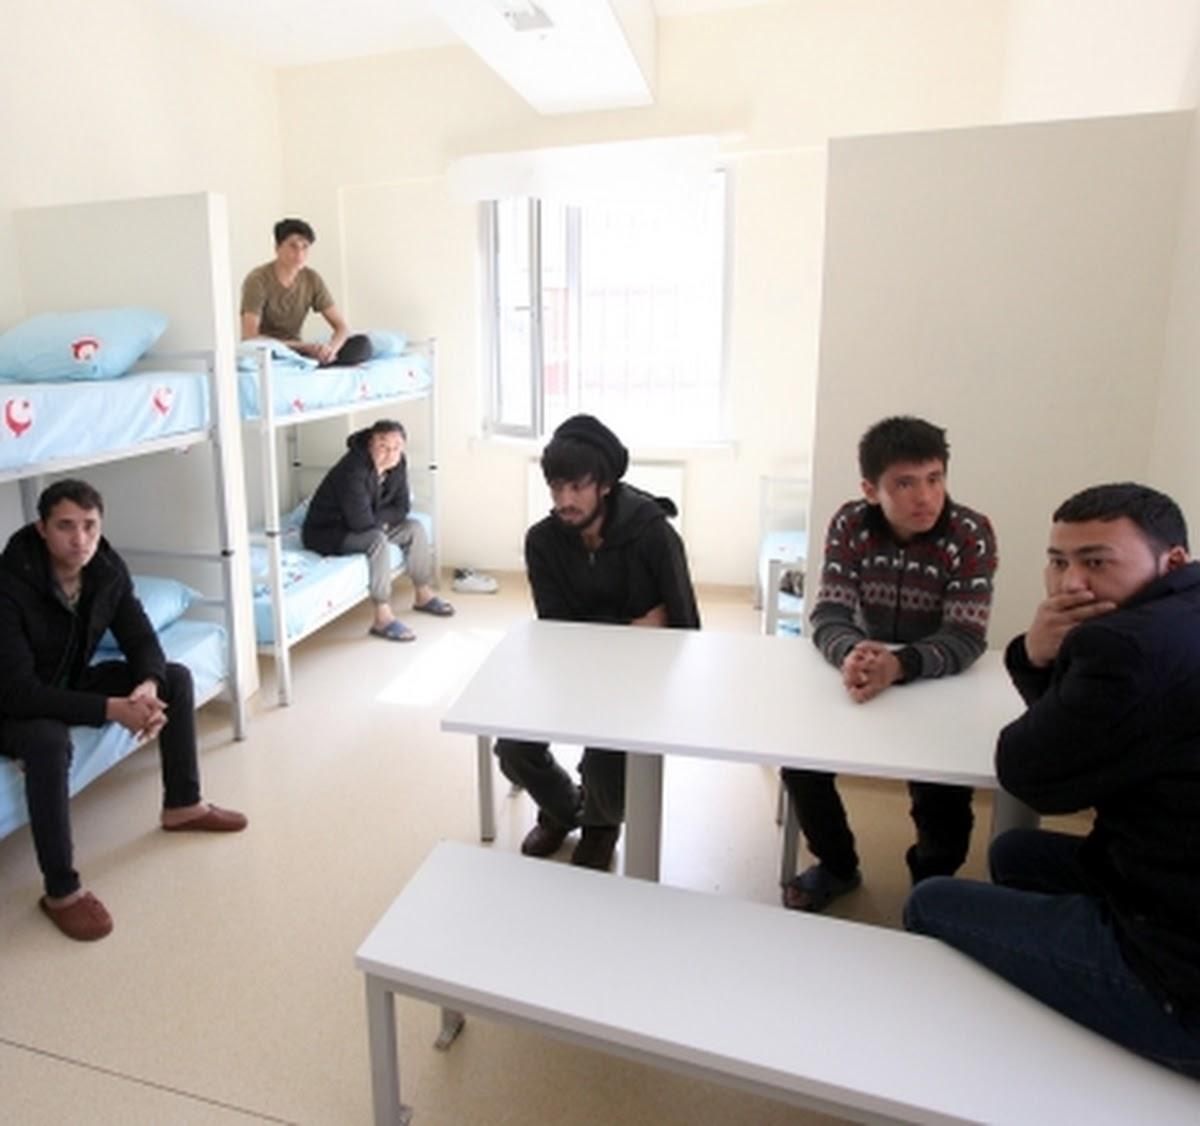 Erzurum Removal Center - (c) Šhâhžãîb S R 2019